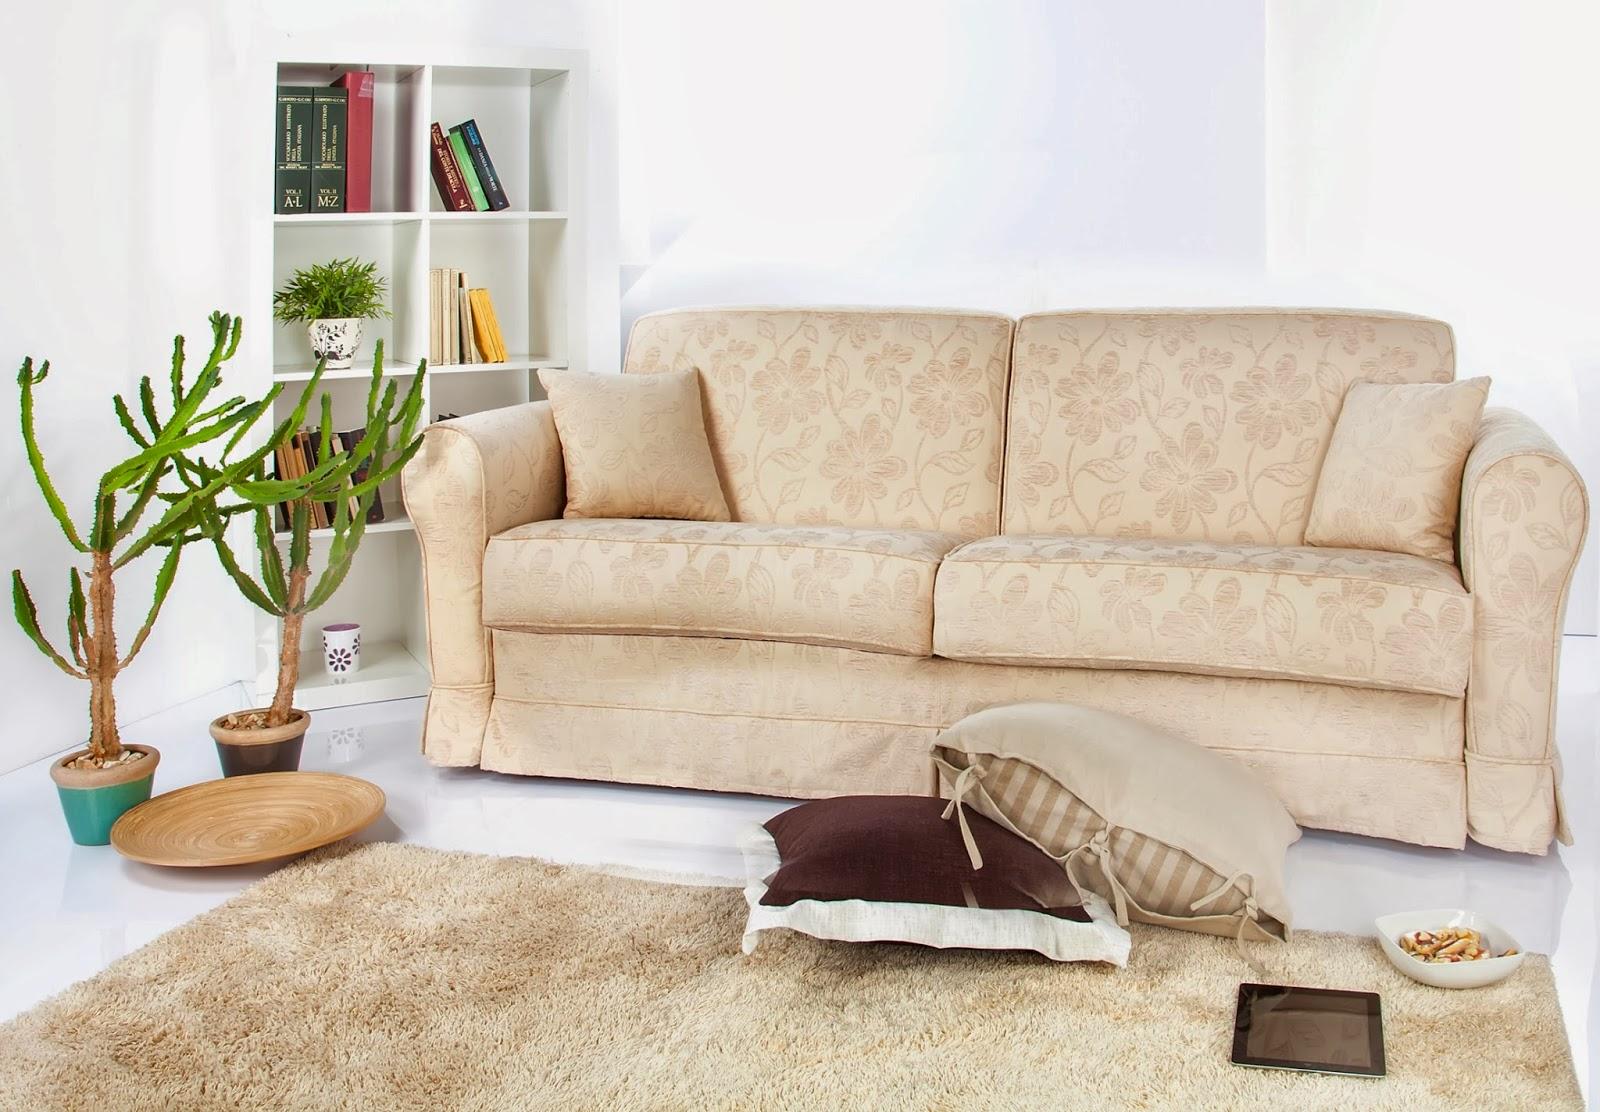 Divani blog tino mariani divani letto classici - Divano pelle o tessuto ...